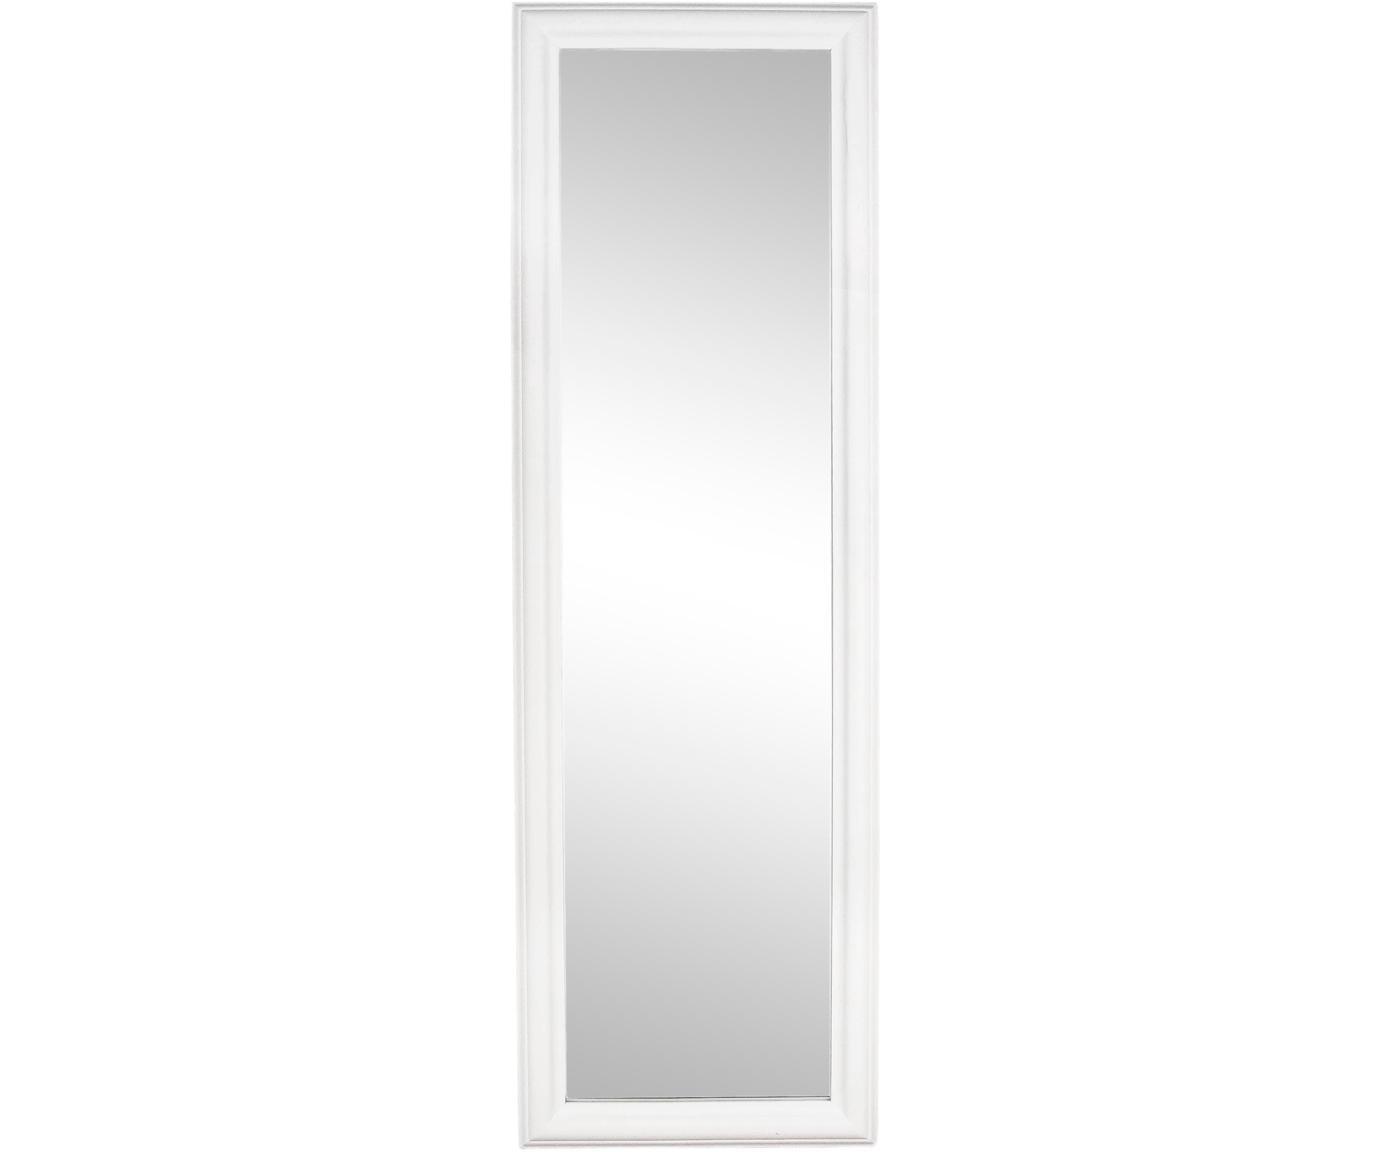 Specchio da parete Sanzio, Cornice: legno, rivestito, Superficie dello specchio: lastra di vetro, Bianco, Larg. 42 x Alt. 132 cm